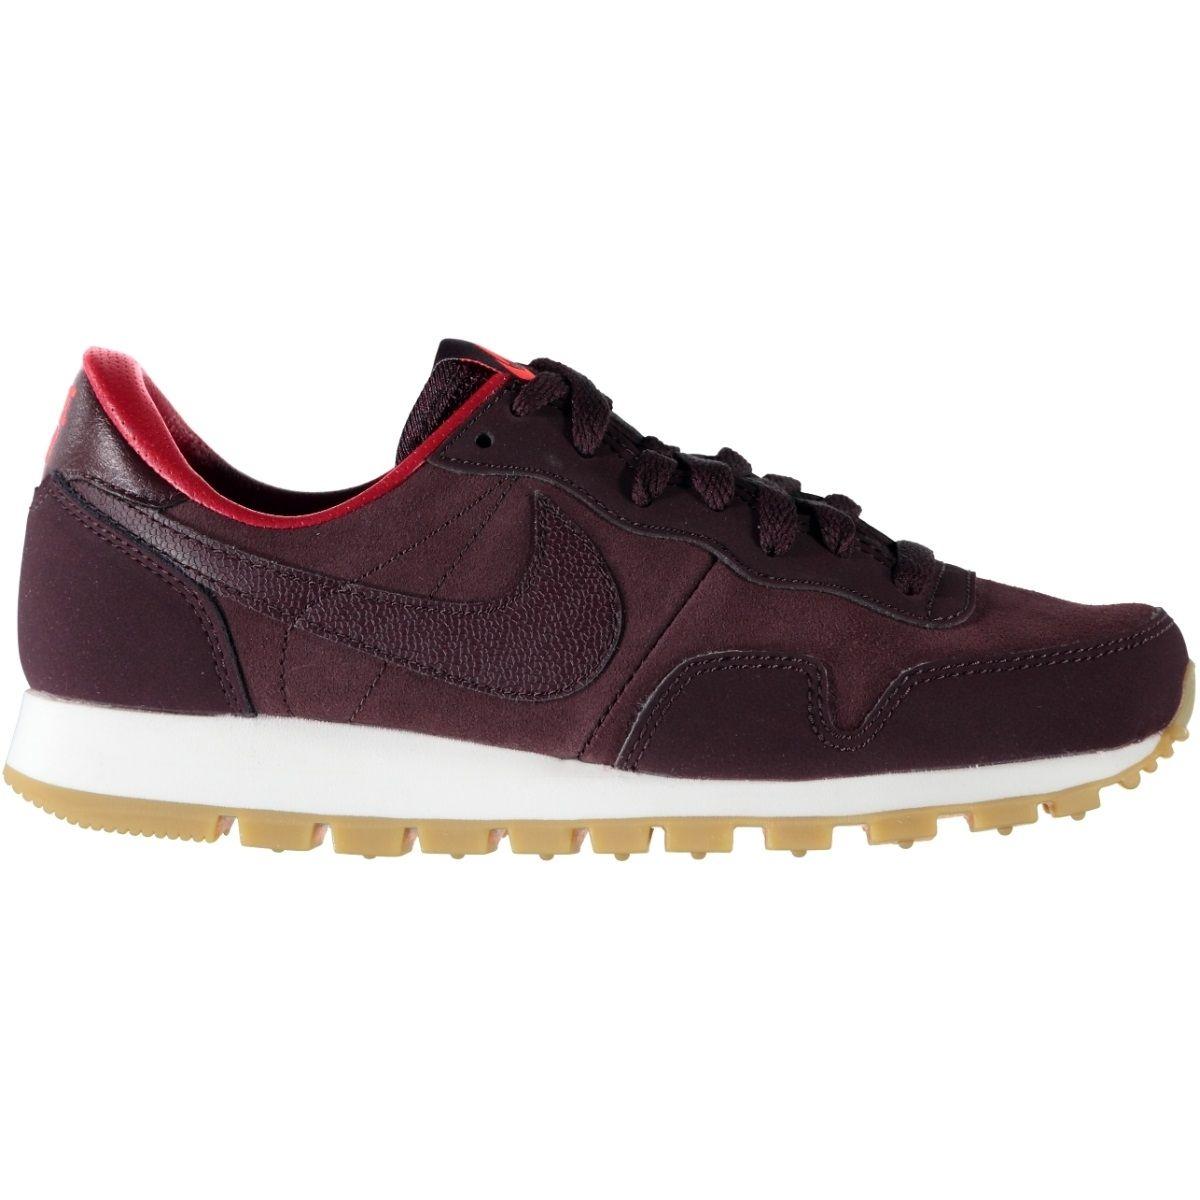 acheter pas cher a200c 36b4d Nike Air pegasus '83 leather, Red Bordeaux | Sporty costumes